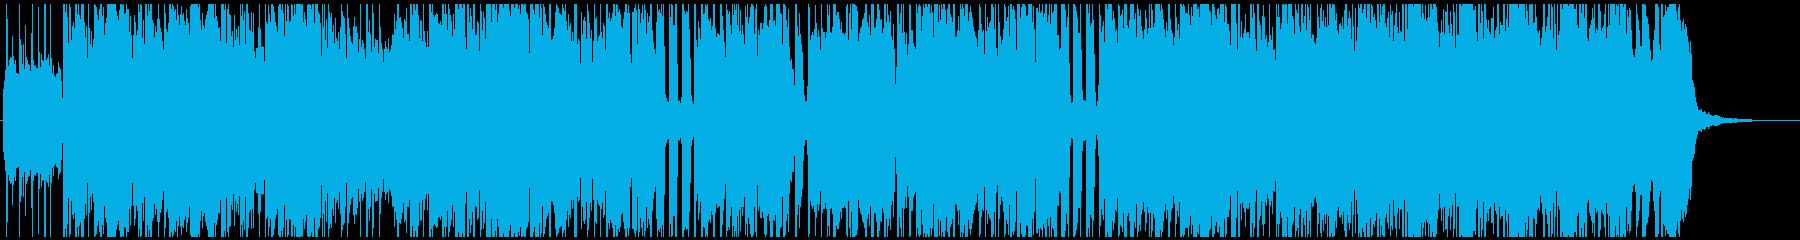 のりのりシンプルなロックギターロックの再生済みの波形